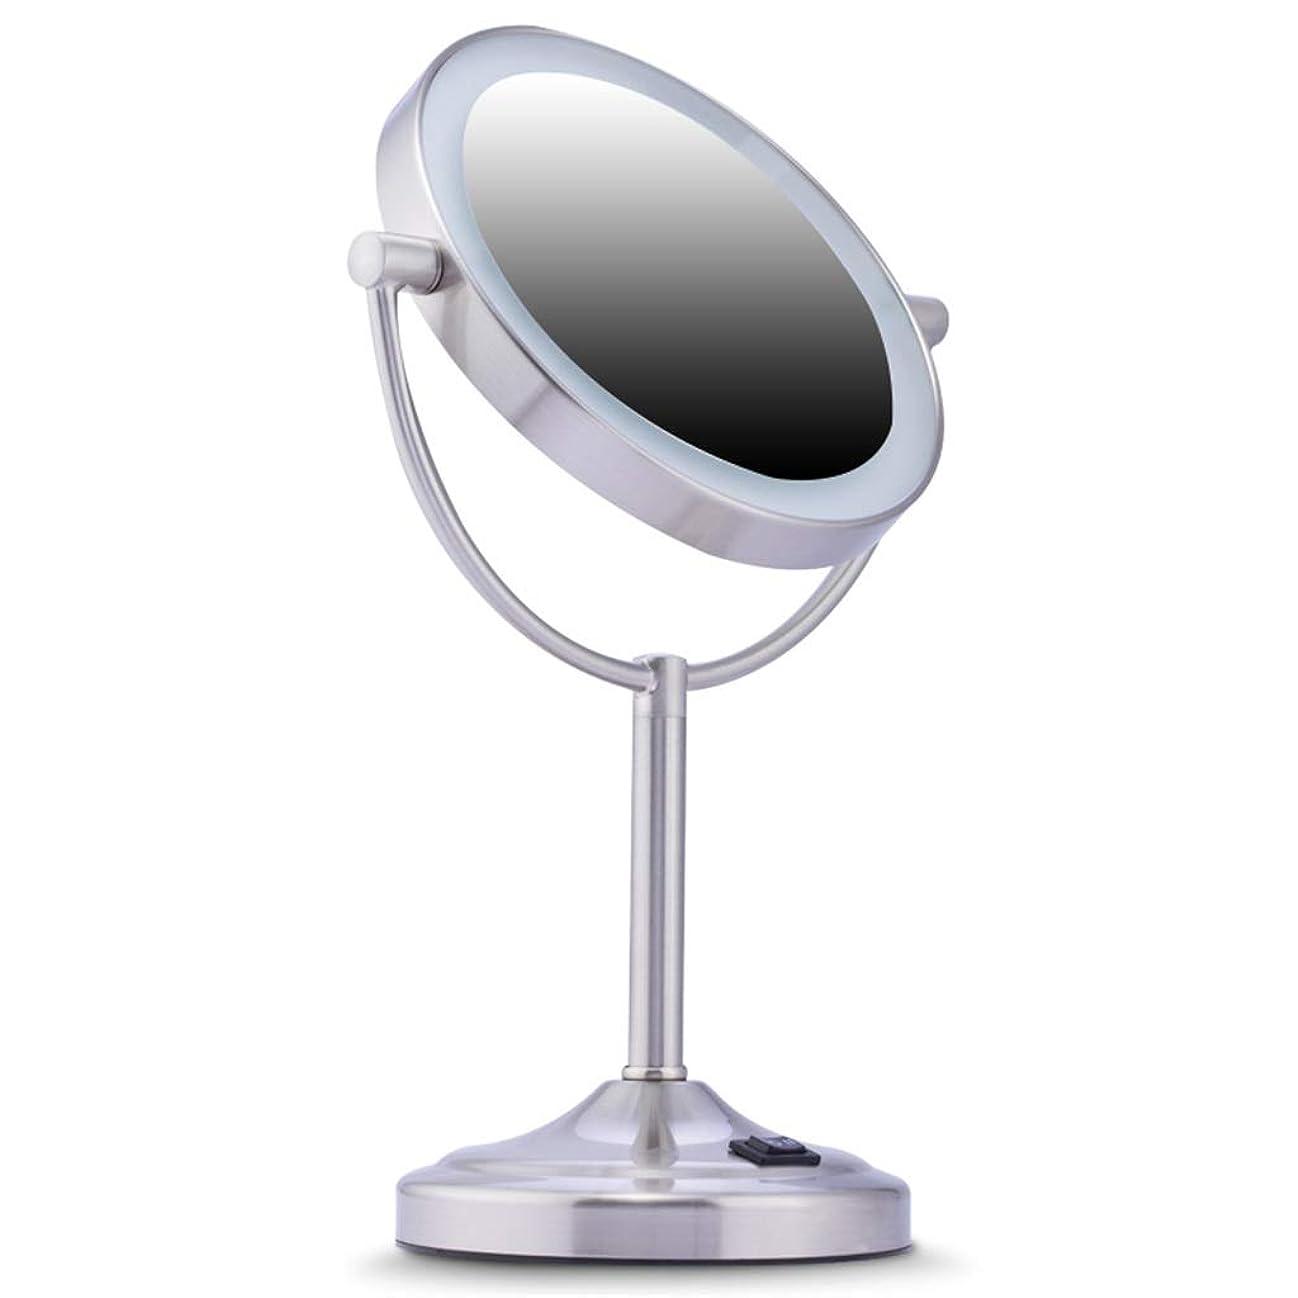 パック軍艦作業メイクアップミラーLed卓上ミラーライトダブルサイドミラー+ 7x拡大鏡360°回転Hd Dimmableステンレス鋼